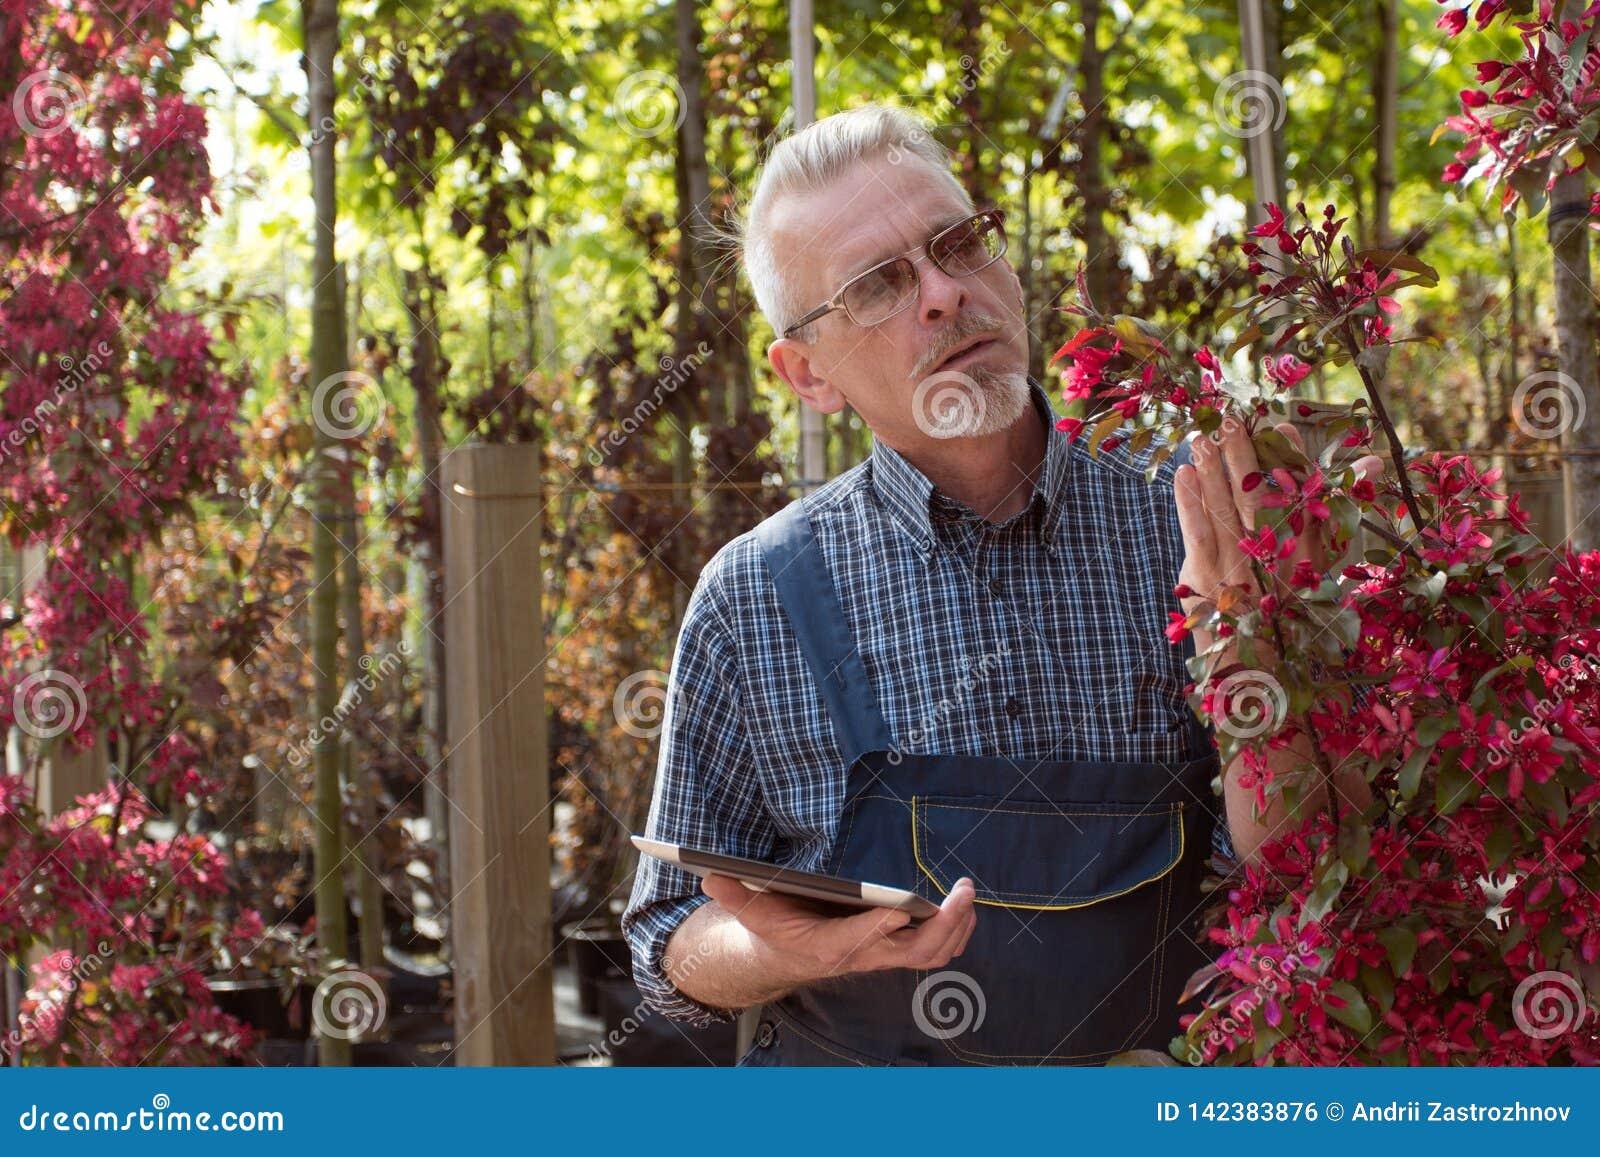 Volwassen tuinman dichtbij de bloemen De handen die de tablet houden In de glazen, een baard, die overall dragen In de tuinwinkel